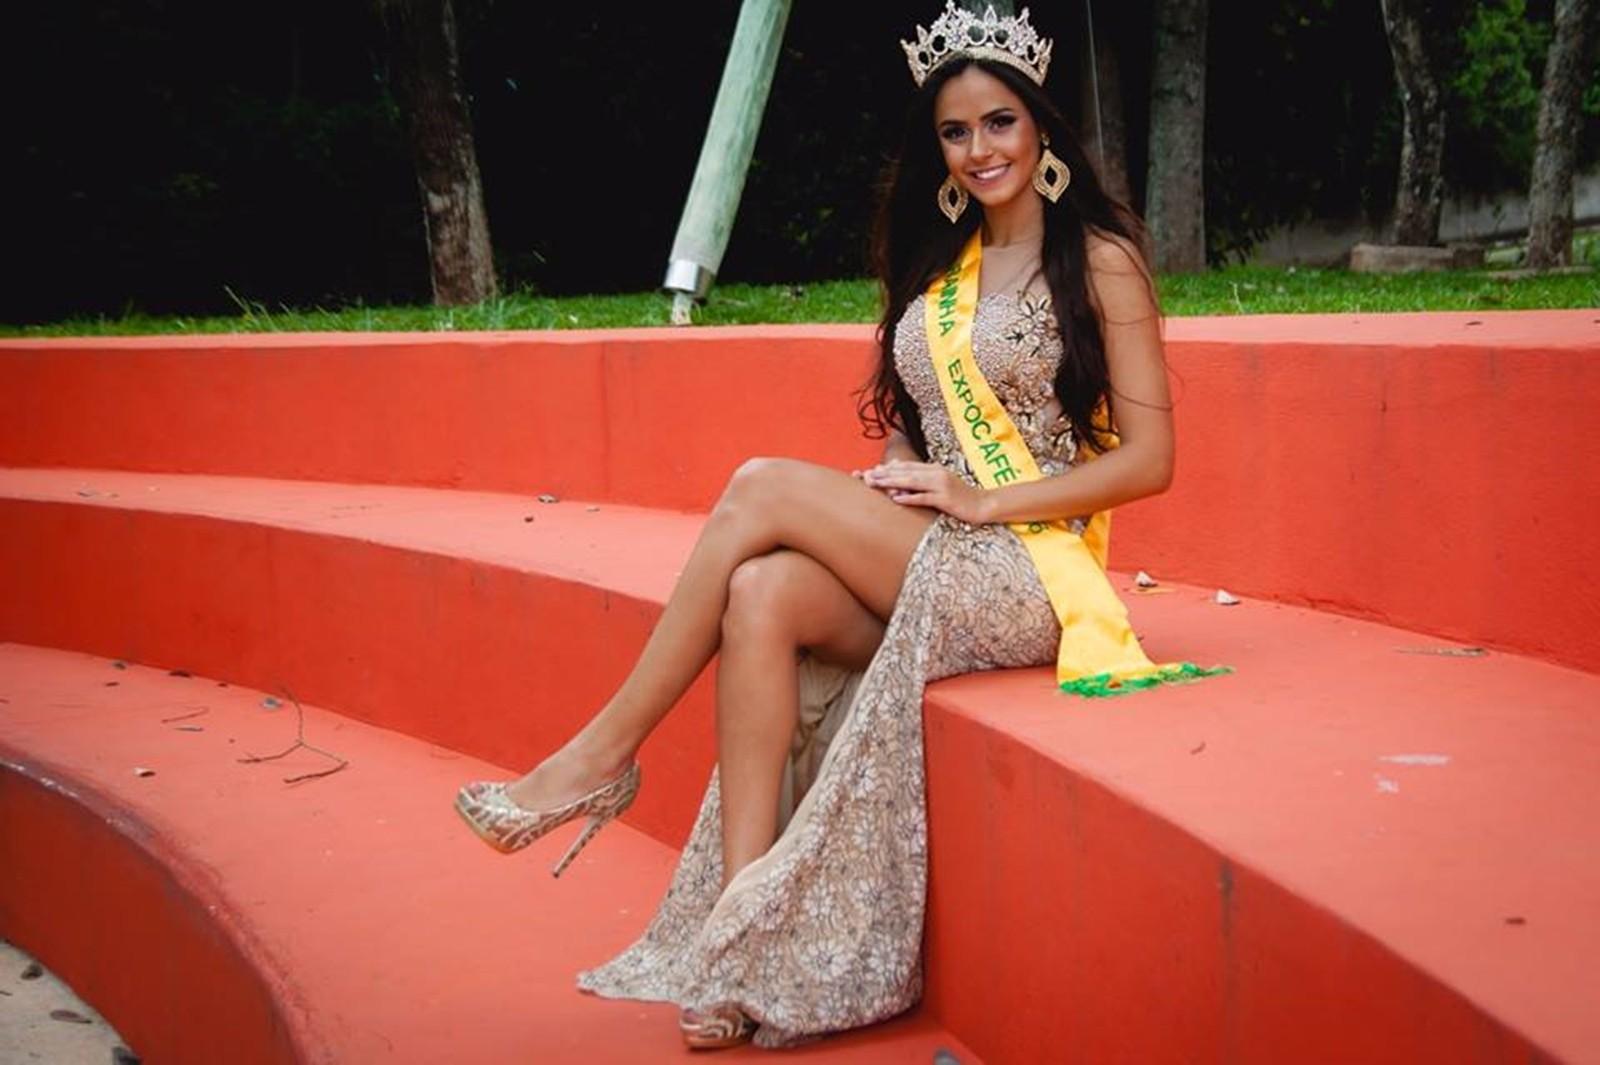 Concurso elege Rainha Expocafé 2017 neste fim de semana em Três Pontas (MG)